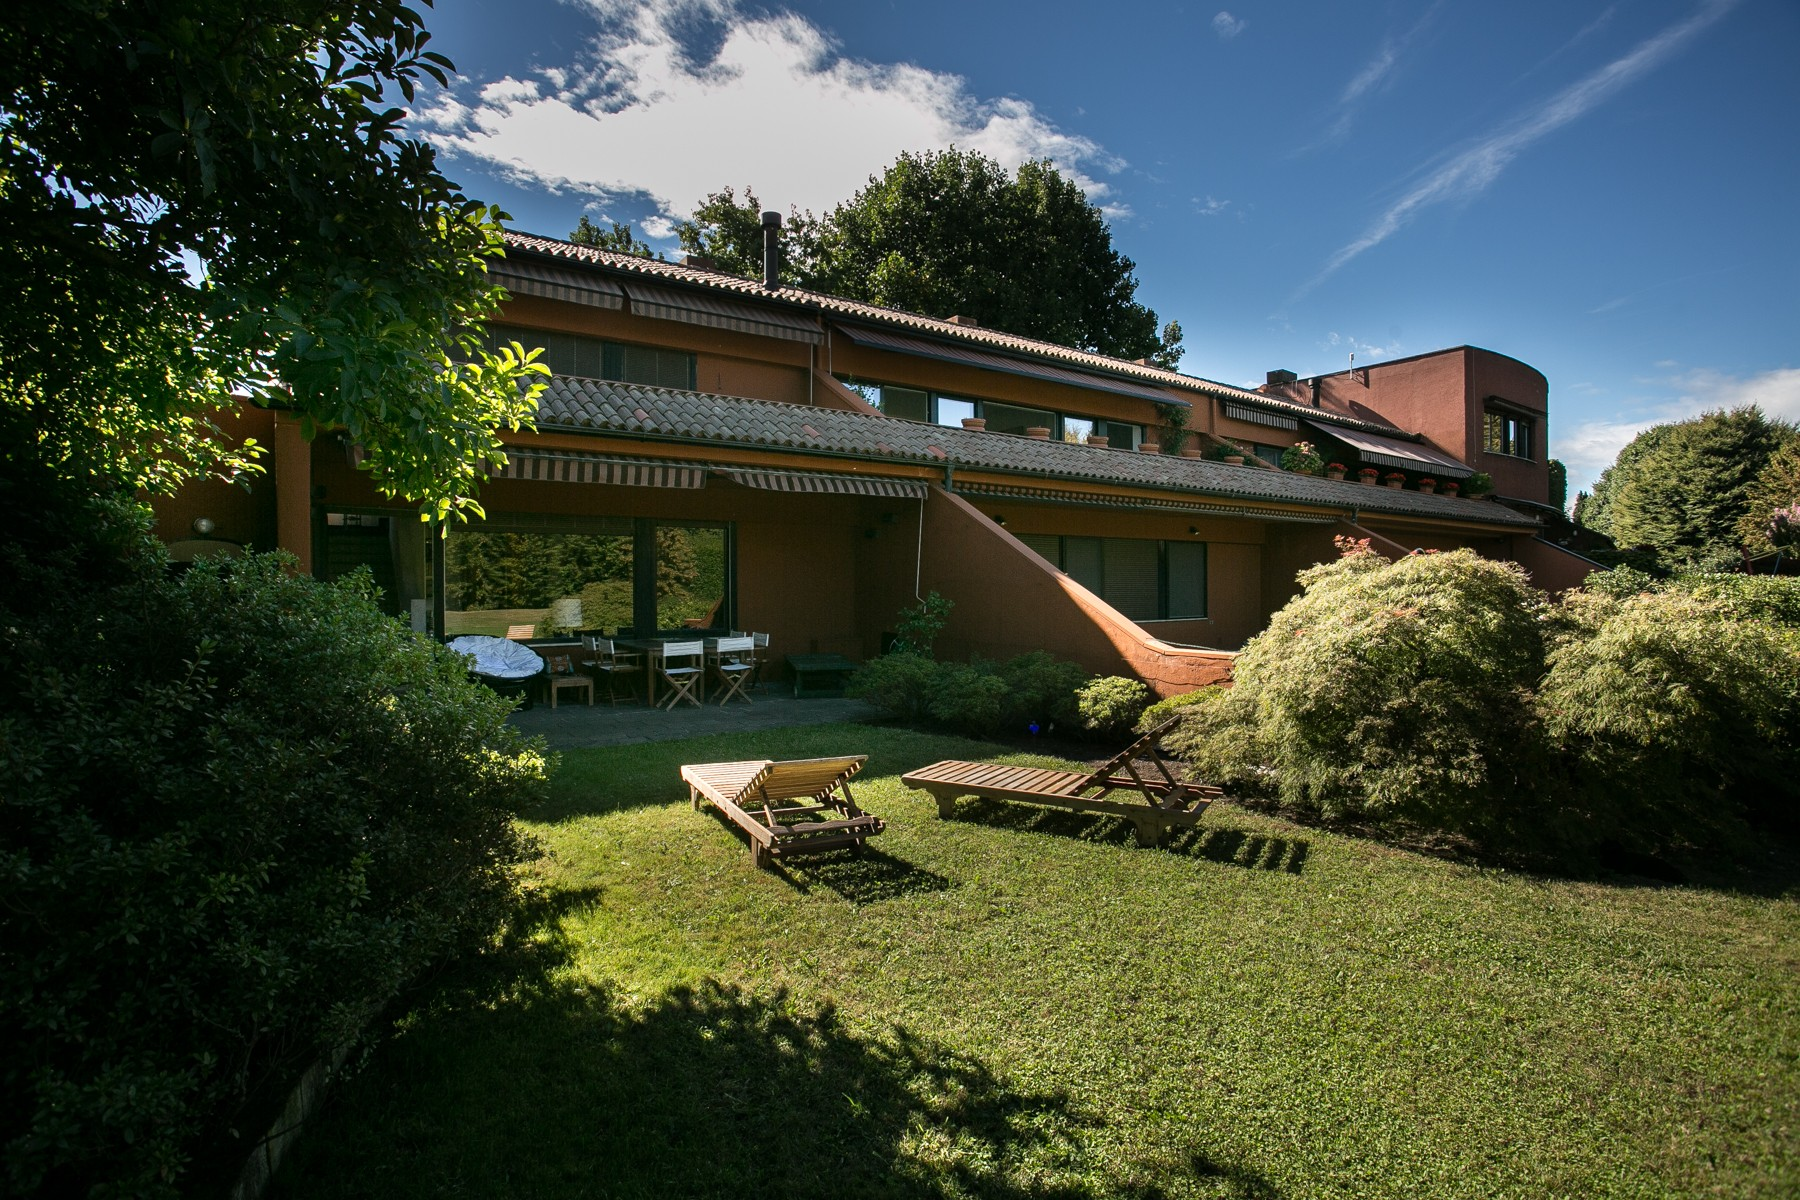 Appartamento in Vendita a Cassina Rizzardi: 5 locali, 245 mq - Foto 11